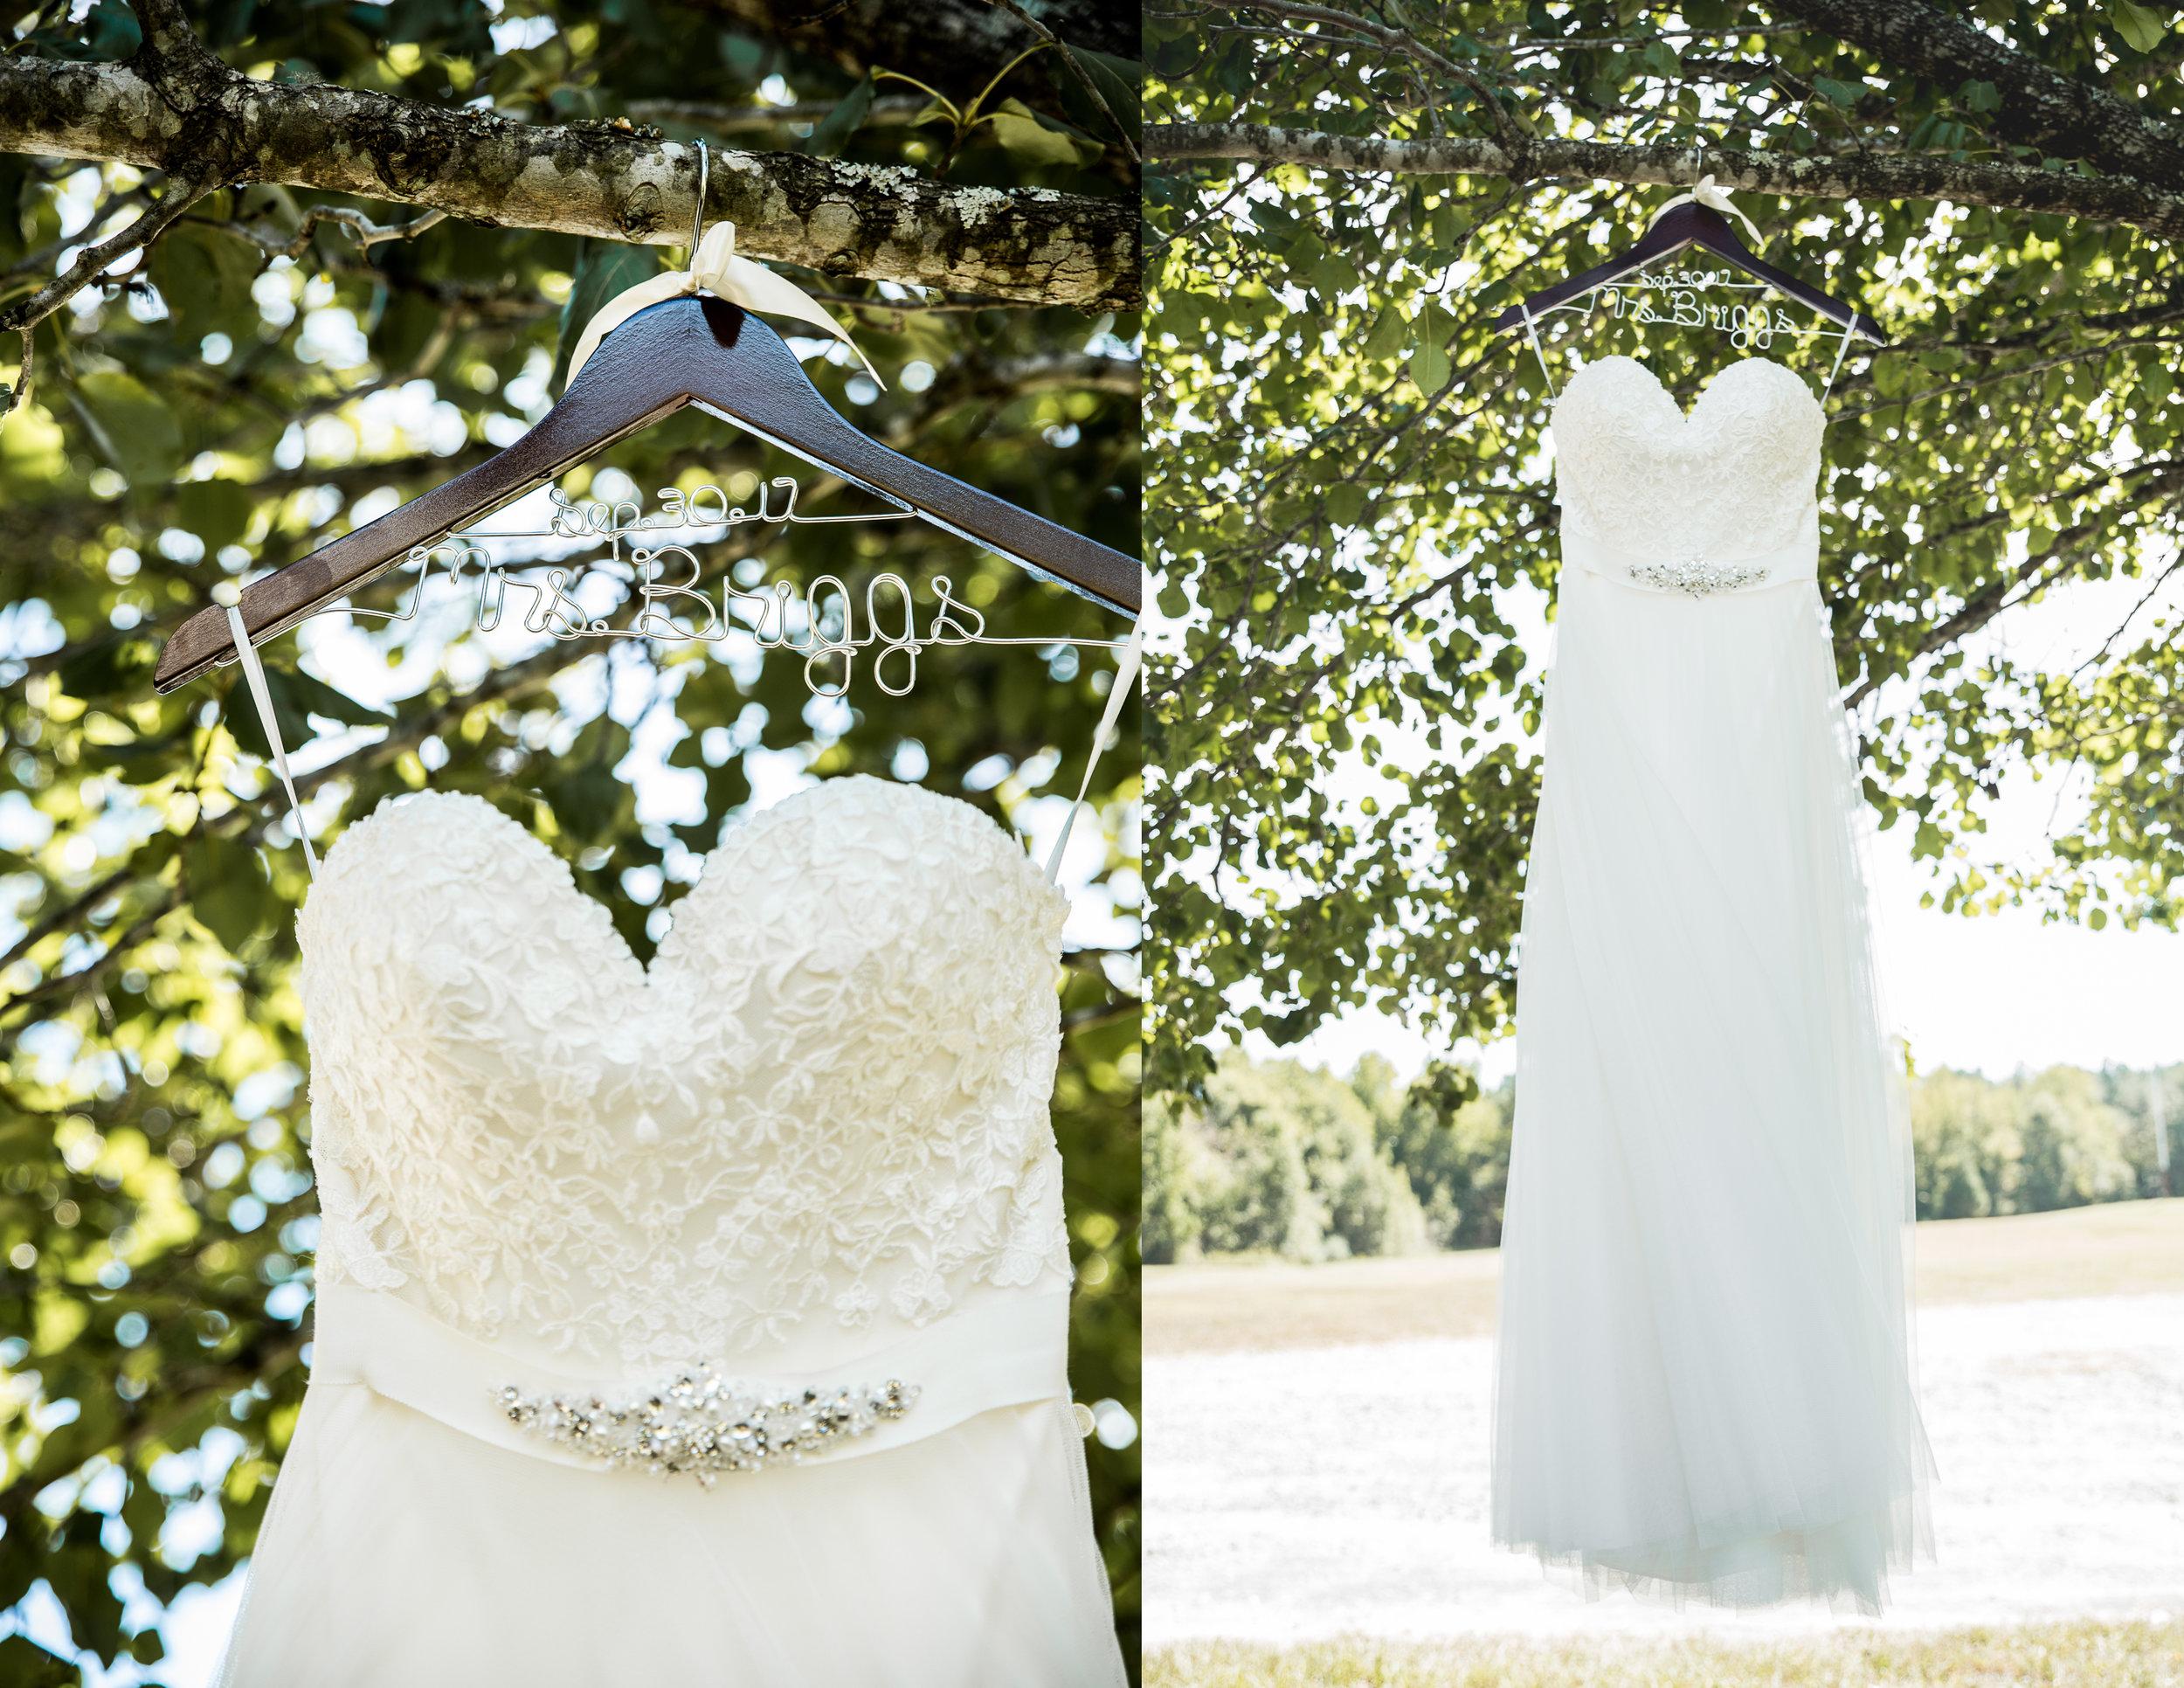 Briggs Wedding - 9 30 17 - Stem, NC - Greenville, NC